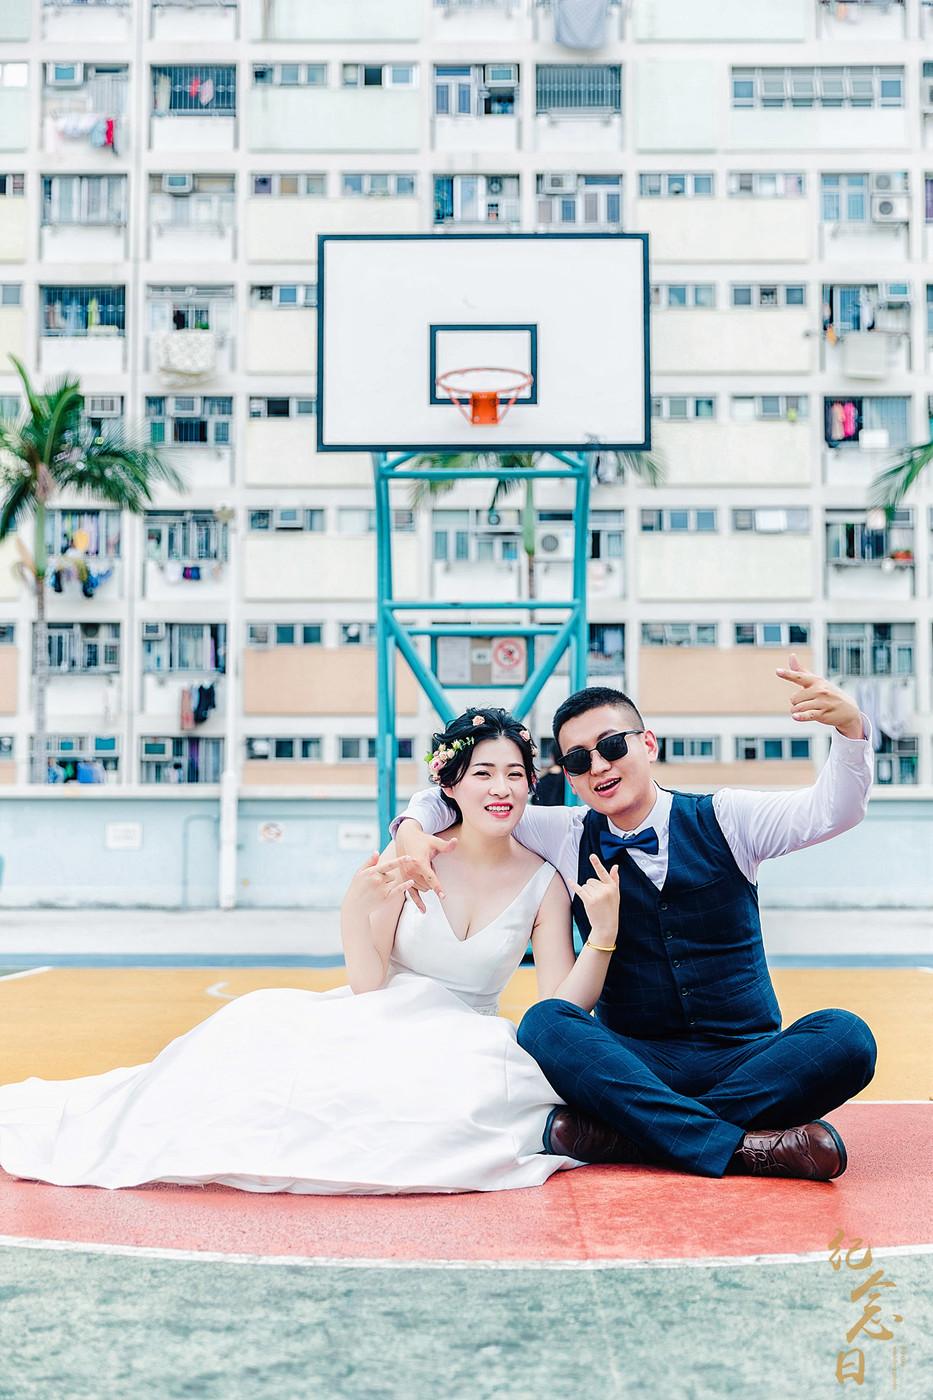 香港旅拍 | 昭甫&梦迪28